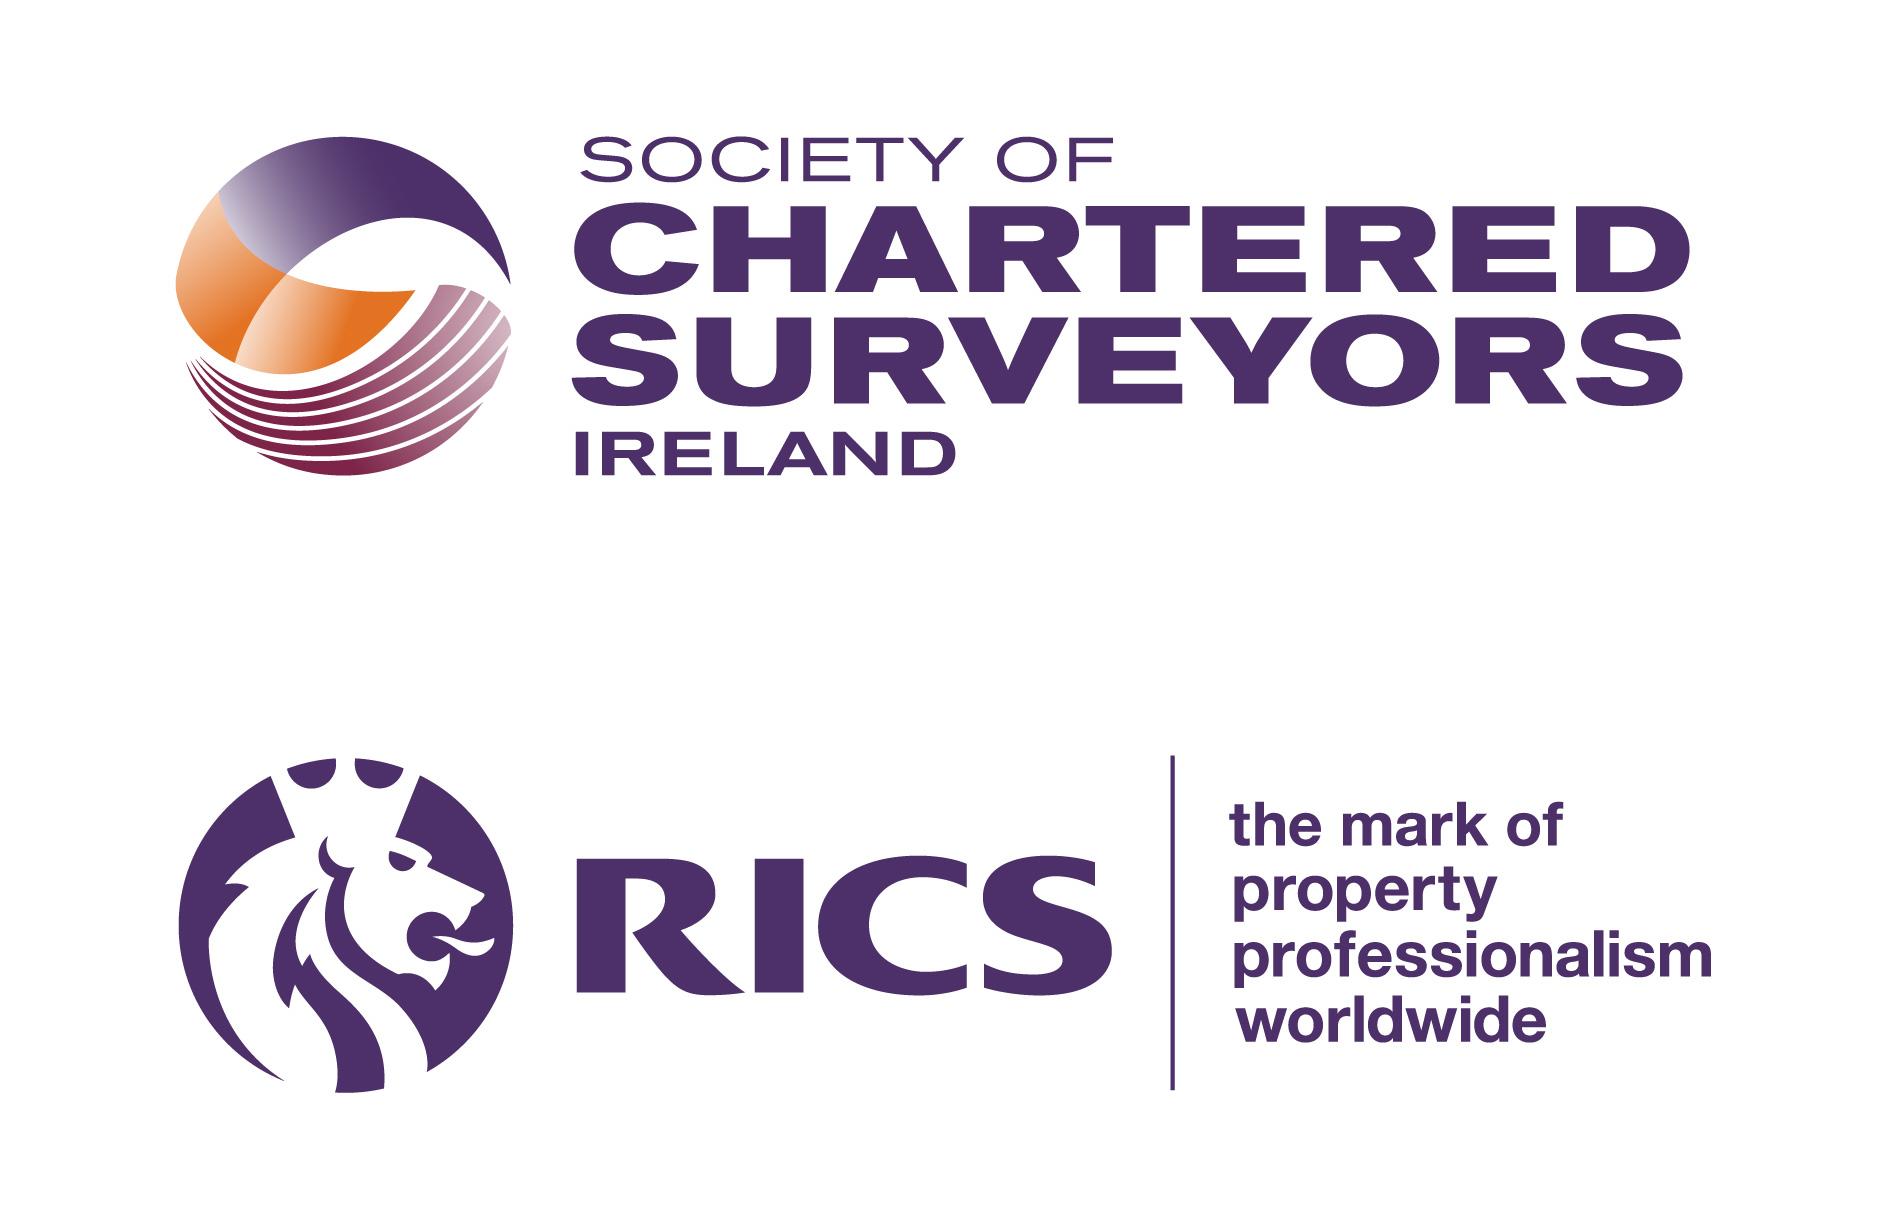 SCSI Logo - Society of Chartered Surveyors Ireland